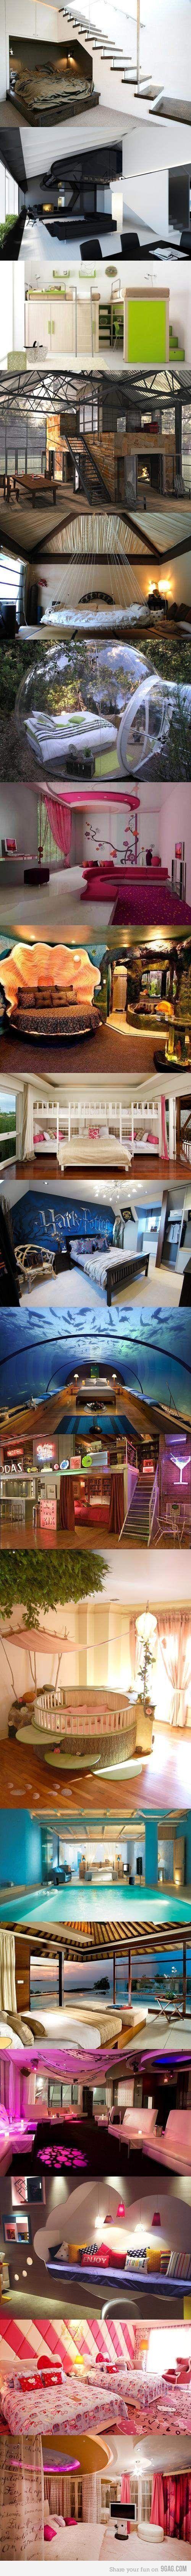 dream bedrooms!